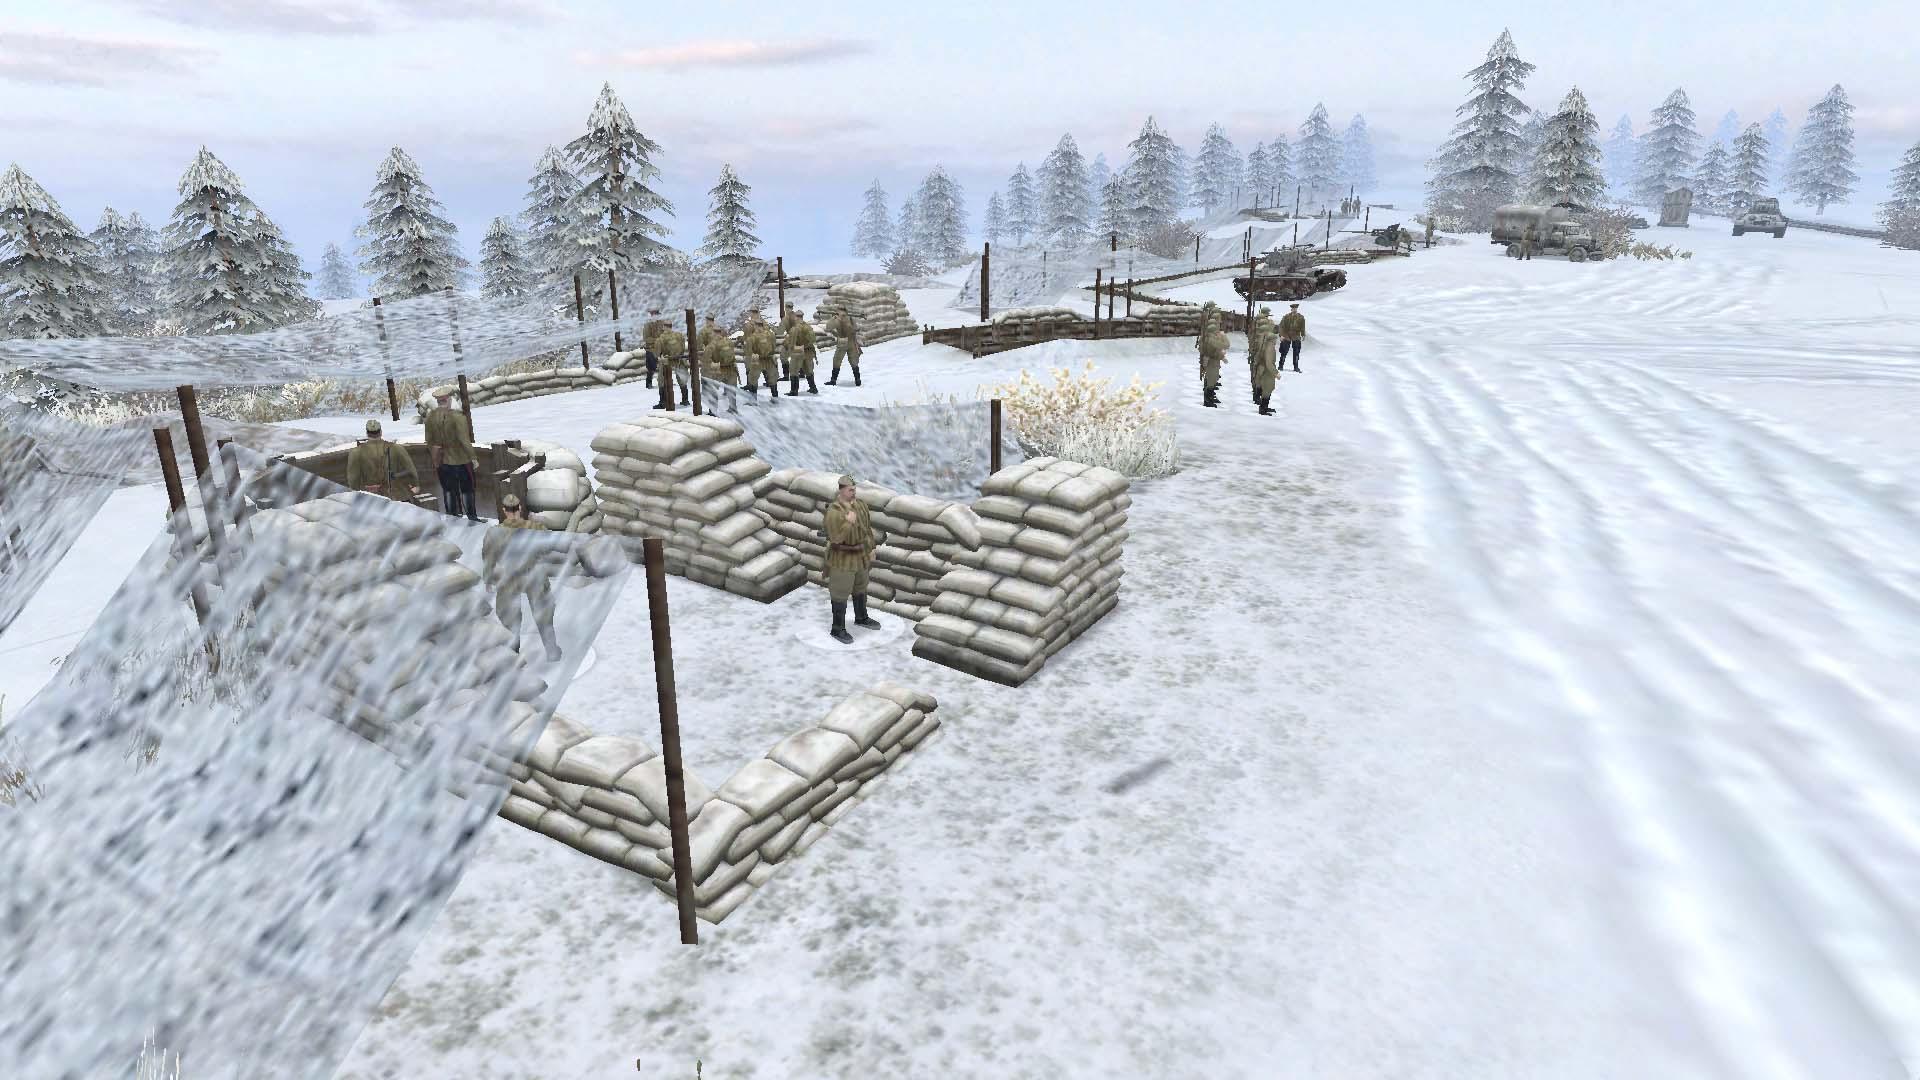 Скачать Кампании из ВТВ-2 и Лиса пустыни за СССР и Германию на движке Штурма-1